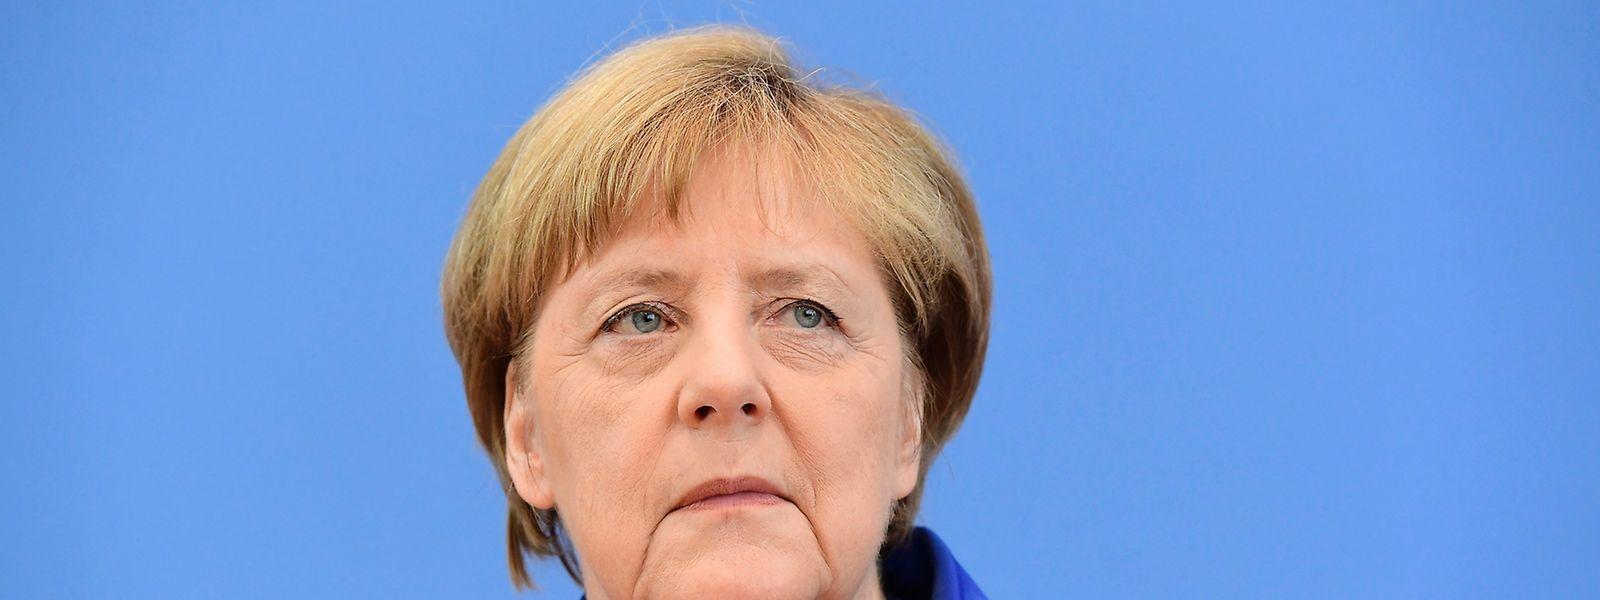 Die deutsche Kanzlerin Angela Merkel sprach von einem Terroranschlag.